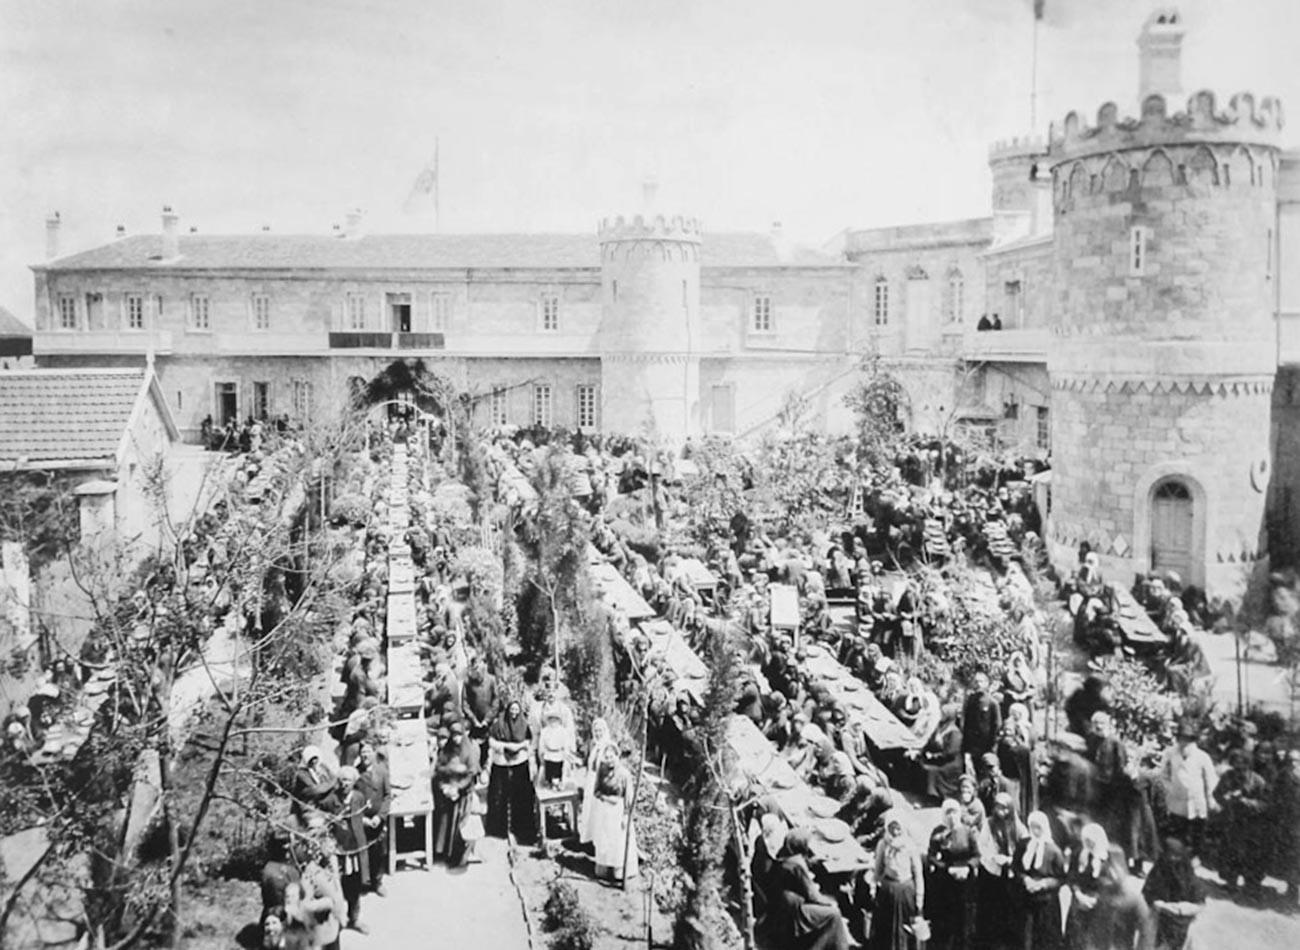 Perayaan Paskah di Kompleks Rusia, akhir abad ke-19.